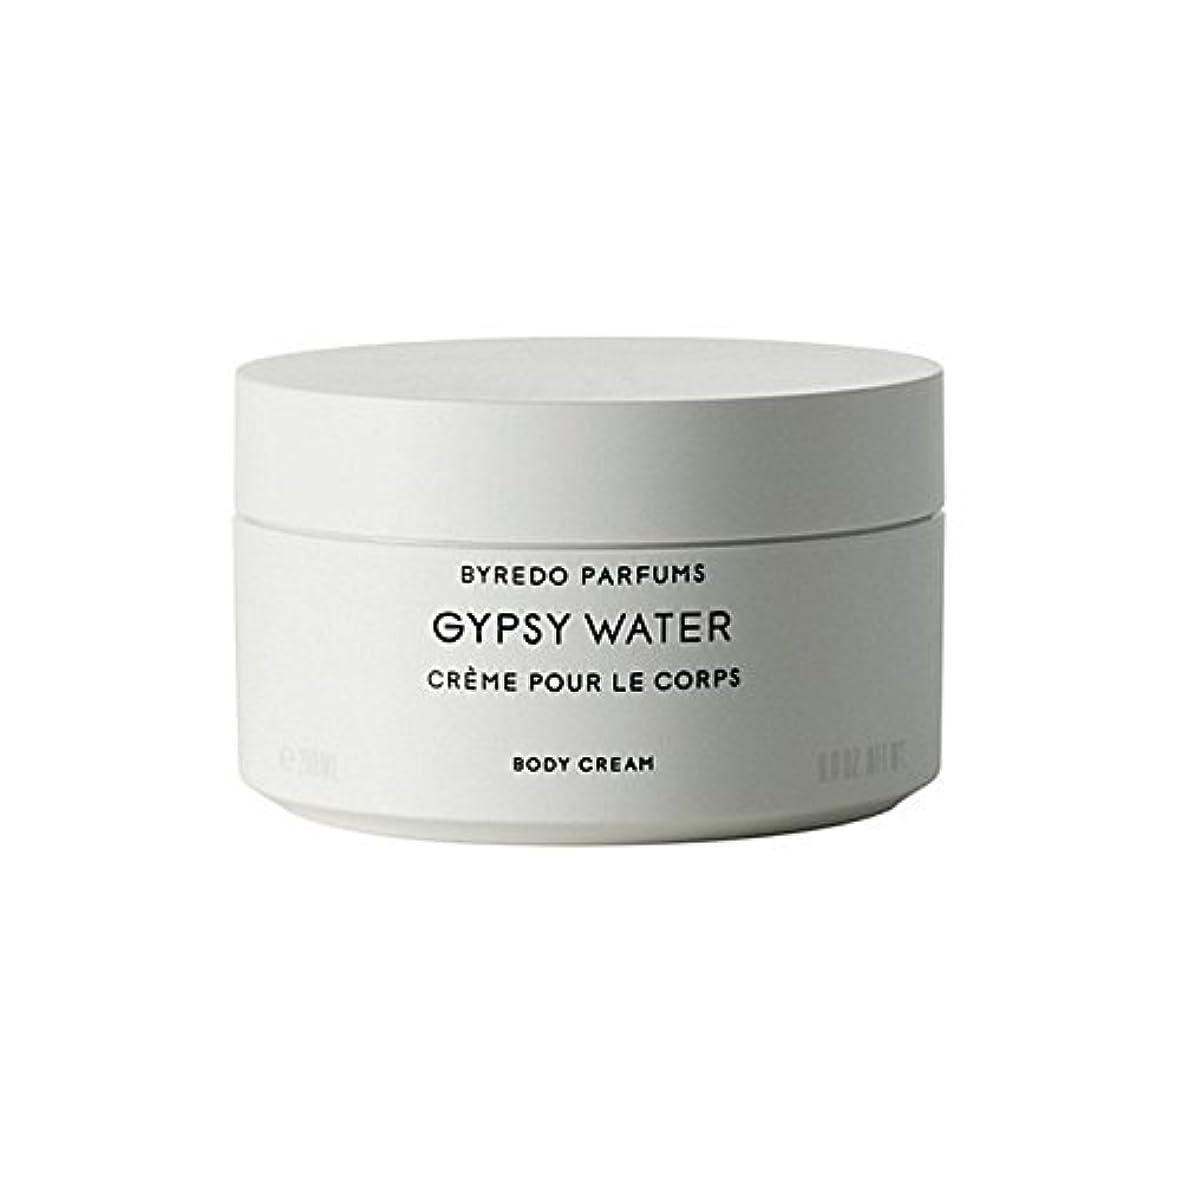 前提条件適度な無実ジプシー水ボディクリーム200ミリリットル x2 - Byredo Gypsy Water Body Cream 200ml (Pack of 2) [並行輸入品]